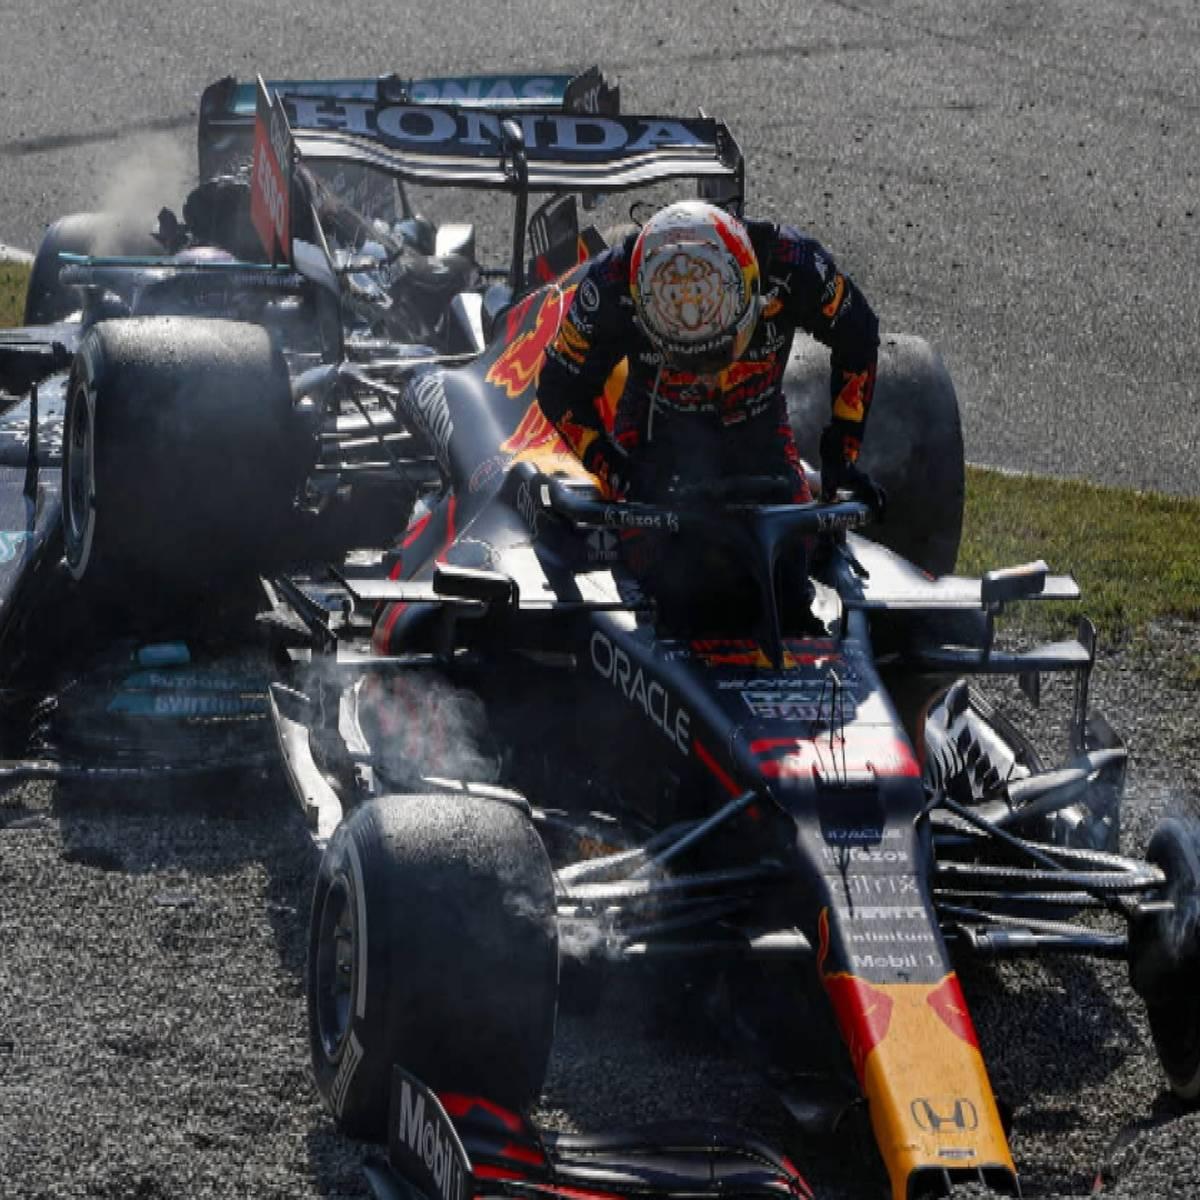 Bittere Konsequenzen für Verstappen nach Crash mit Hamilton